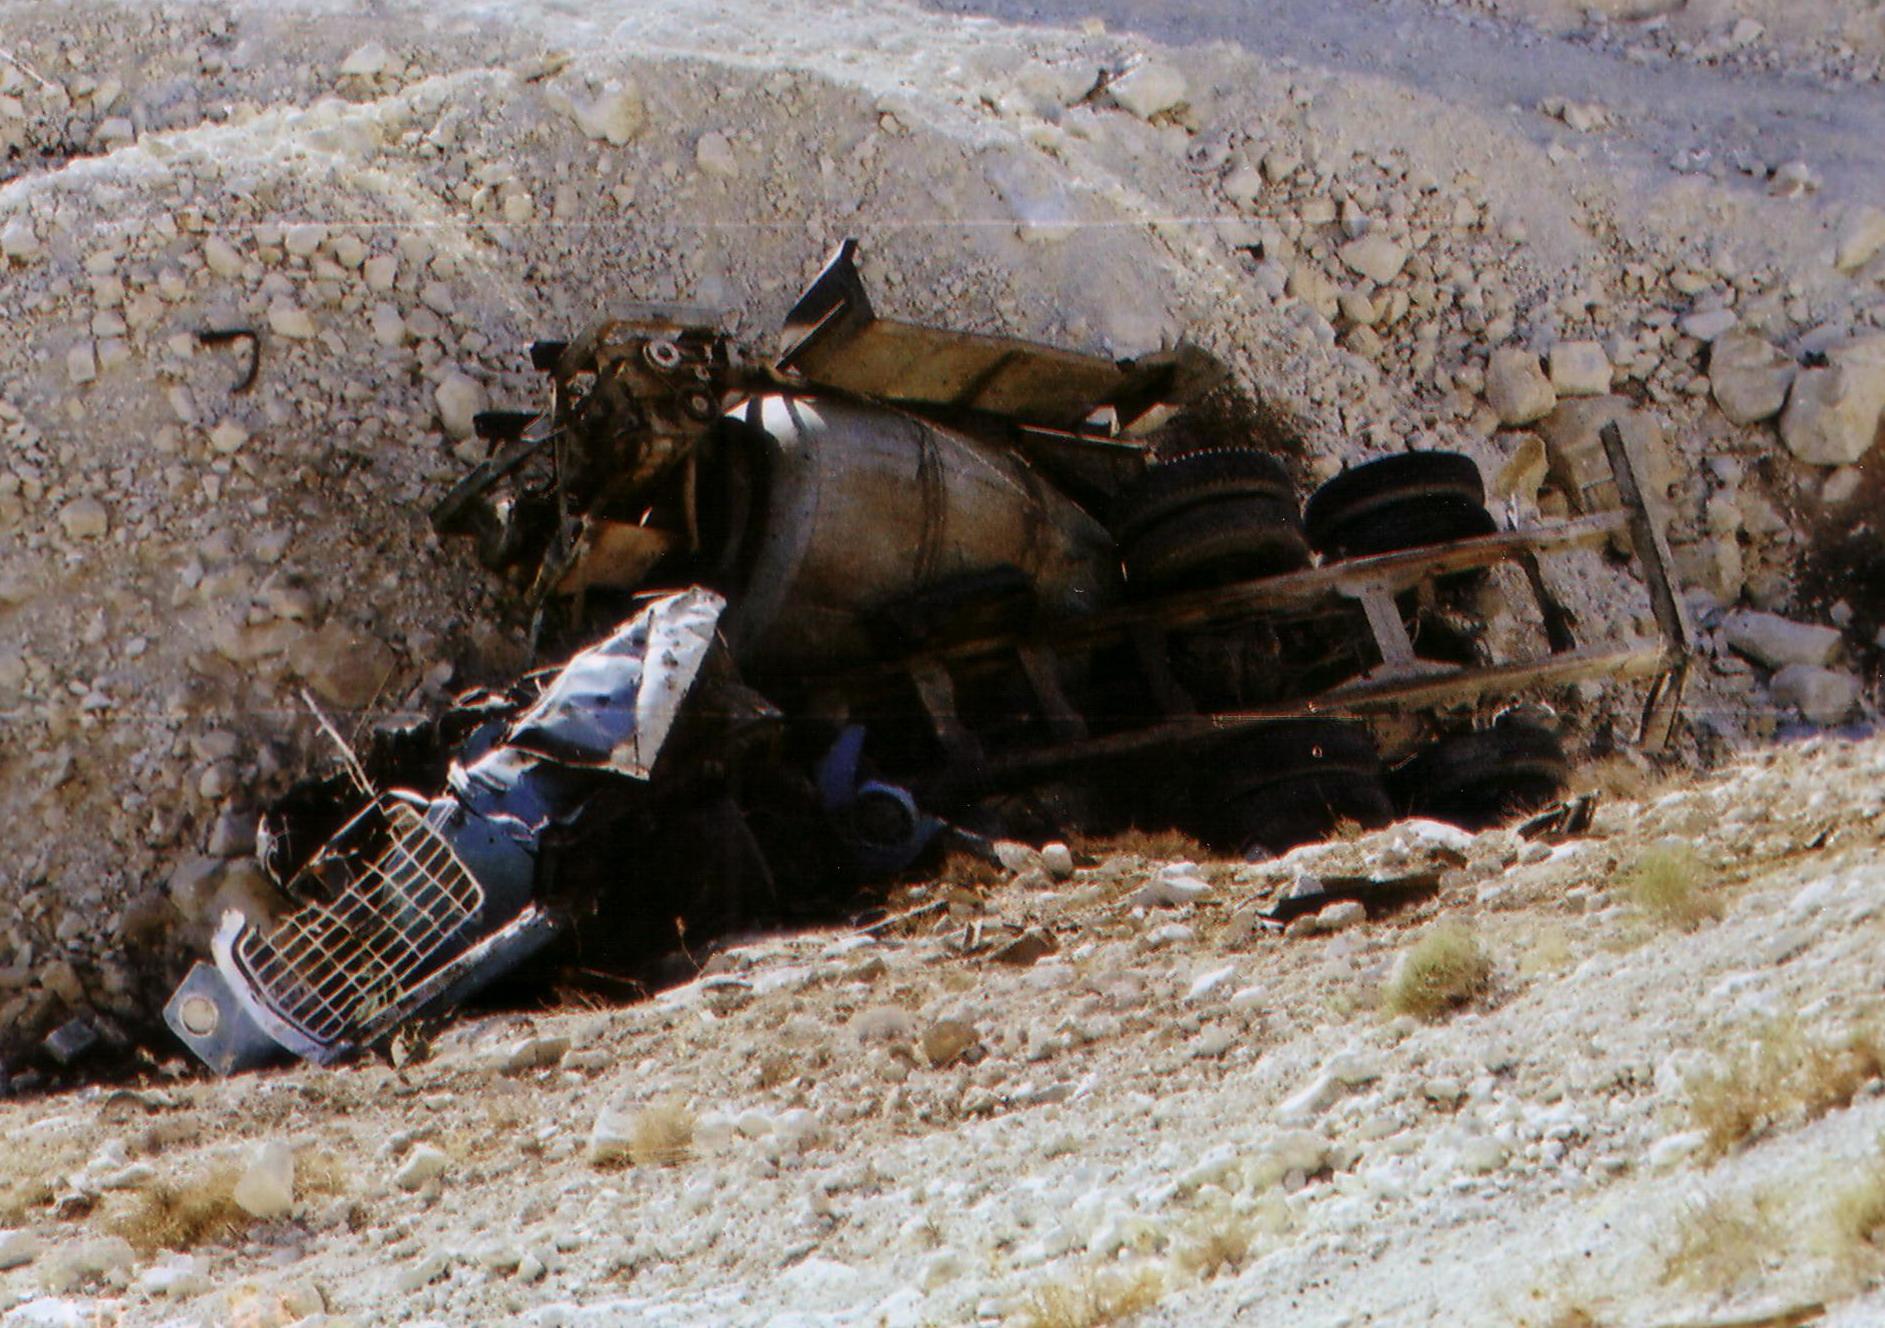 תאונת משאית - מערבל בטון